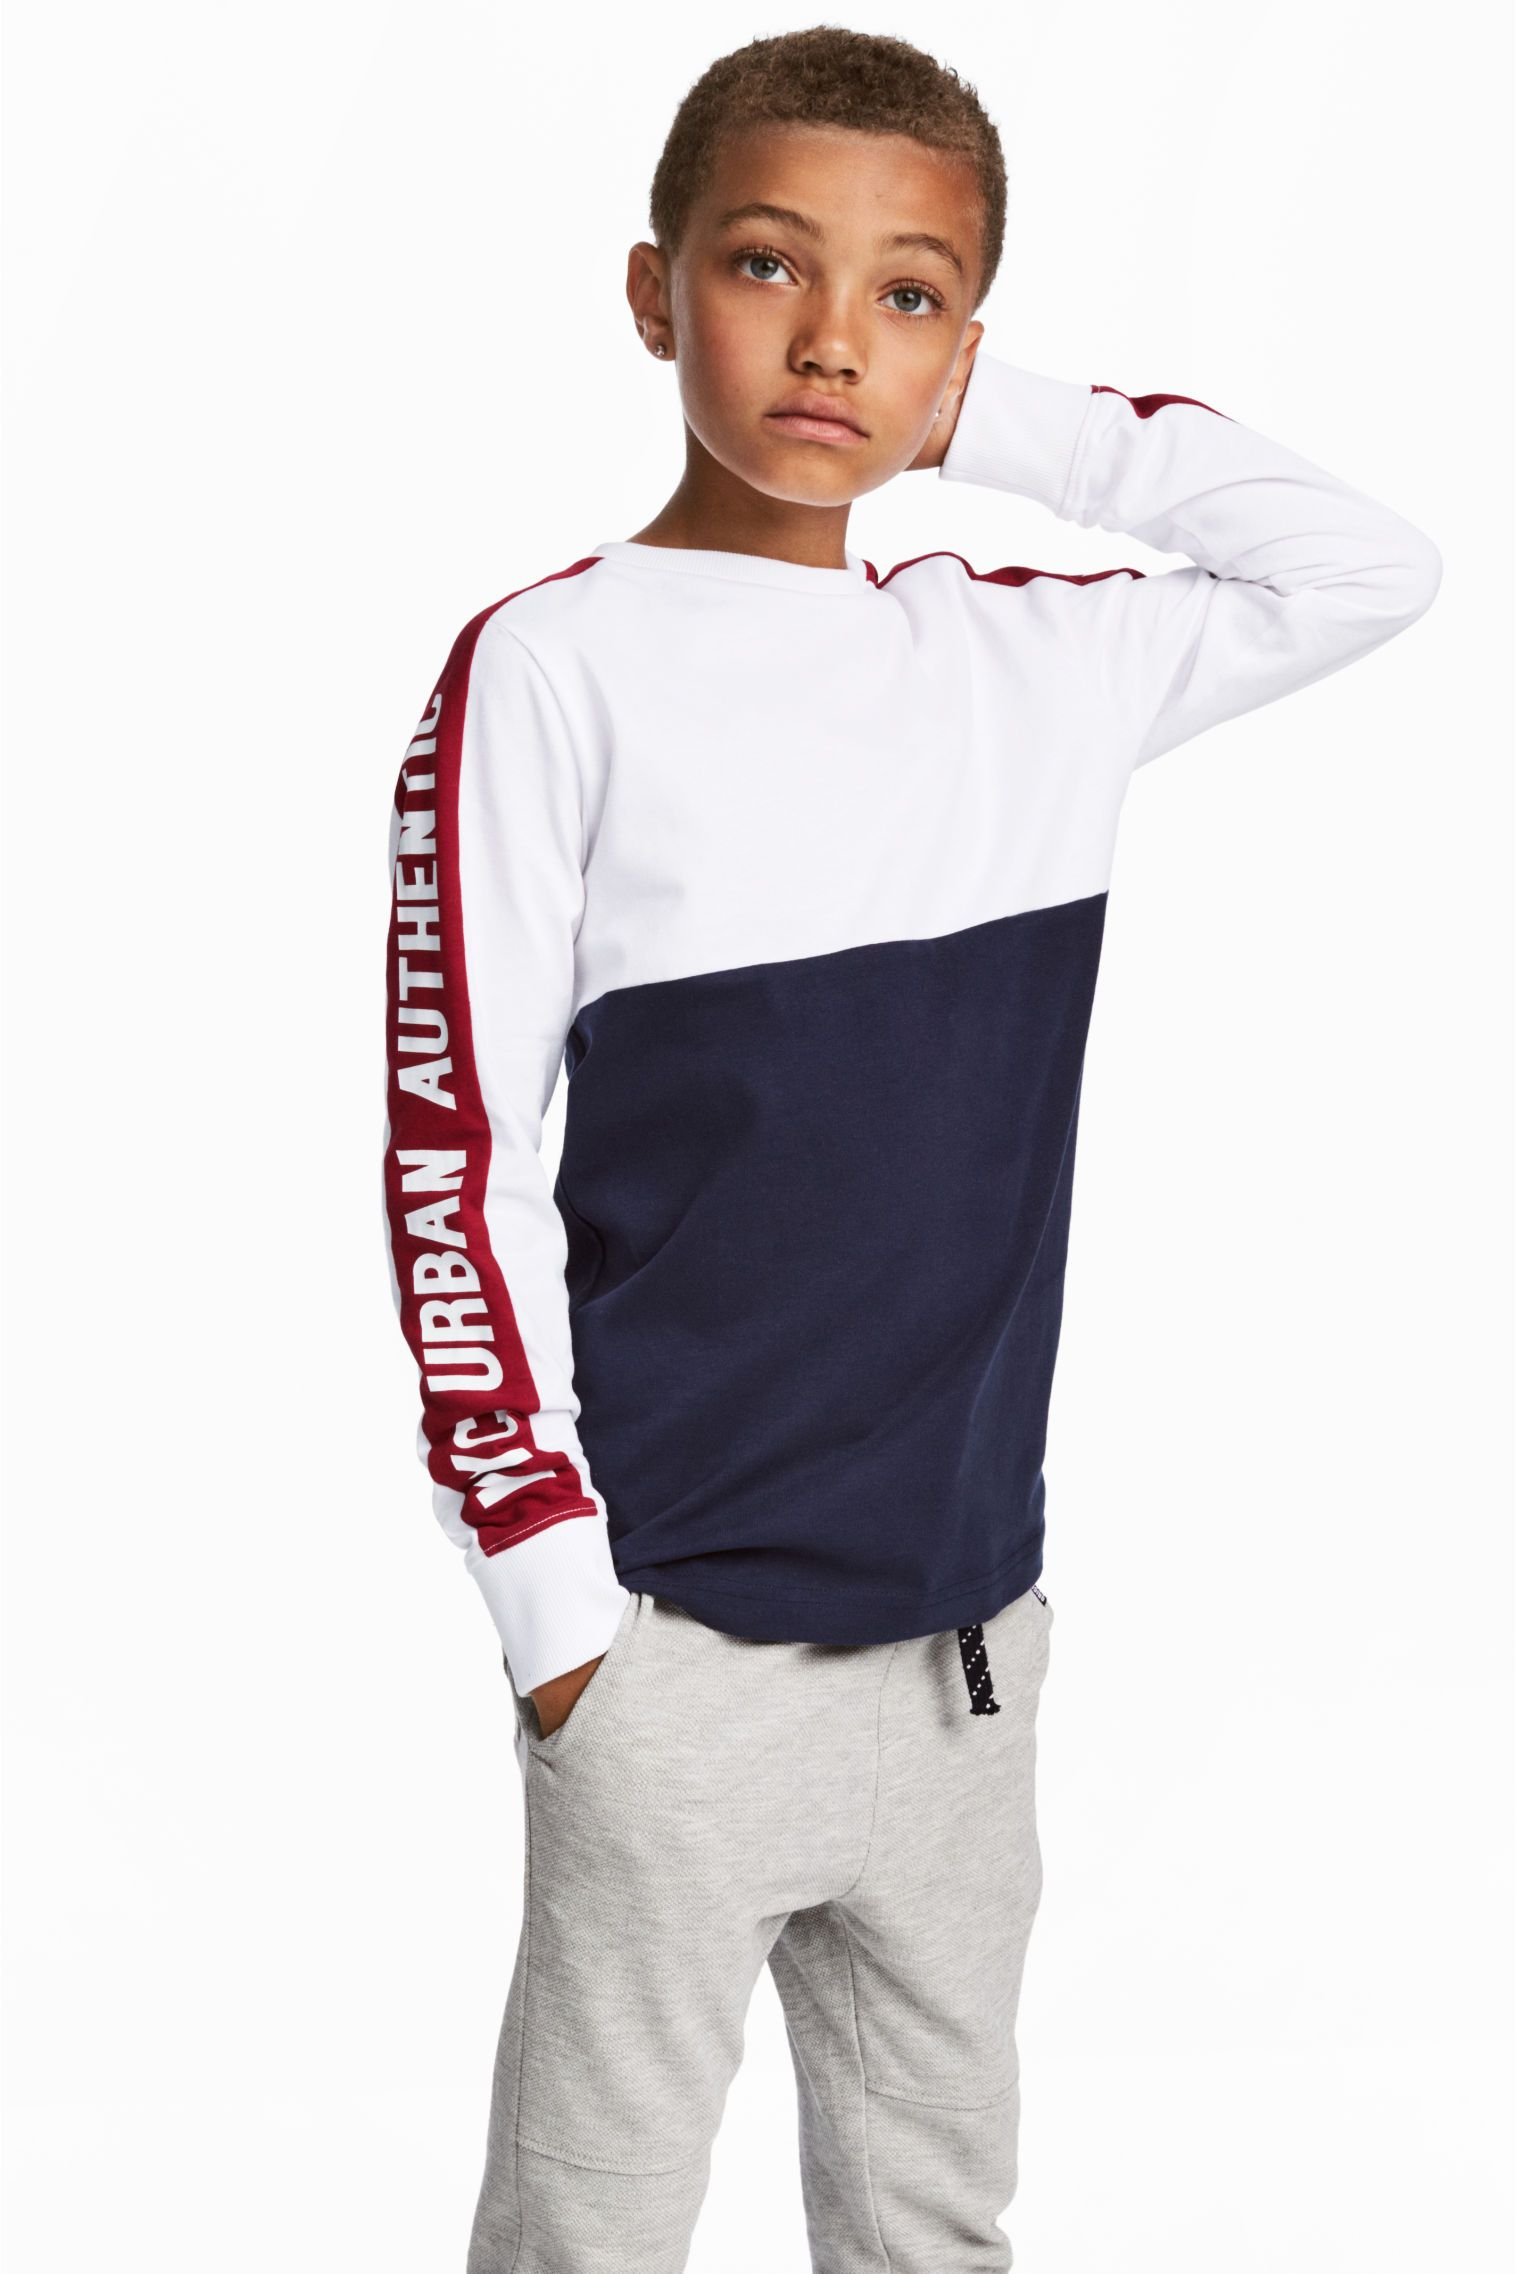 a8b133af6fb H&M Boys 8-14 y | kidswear | Kids clothes boys, Kids sportswear ...